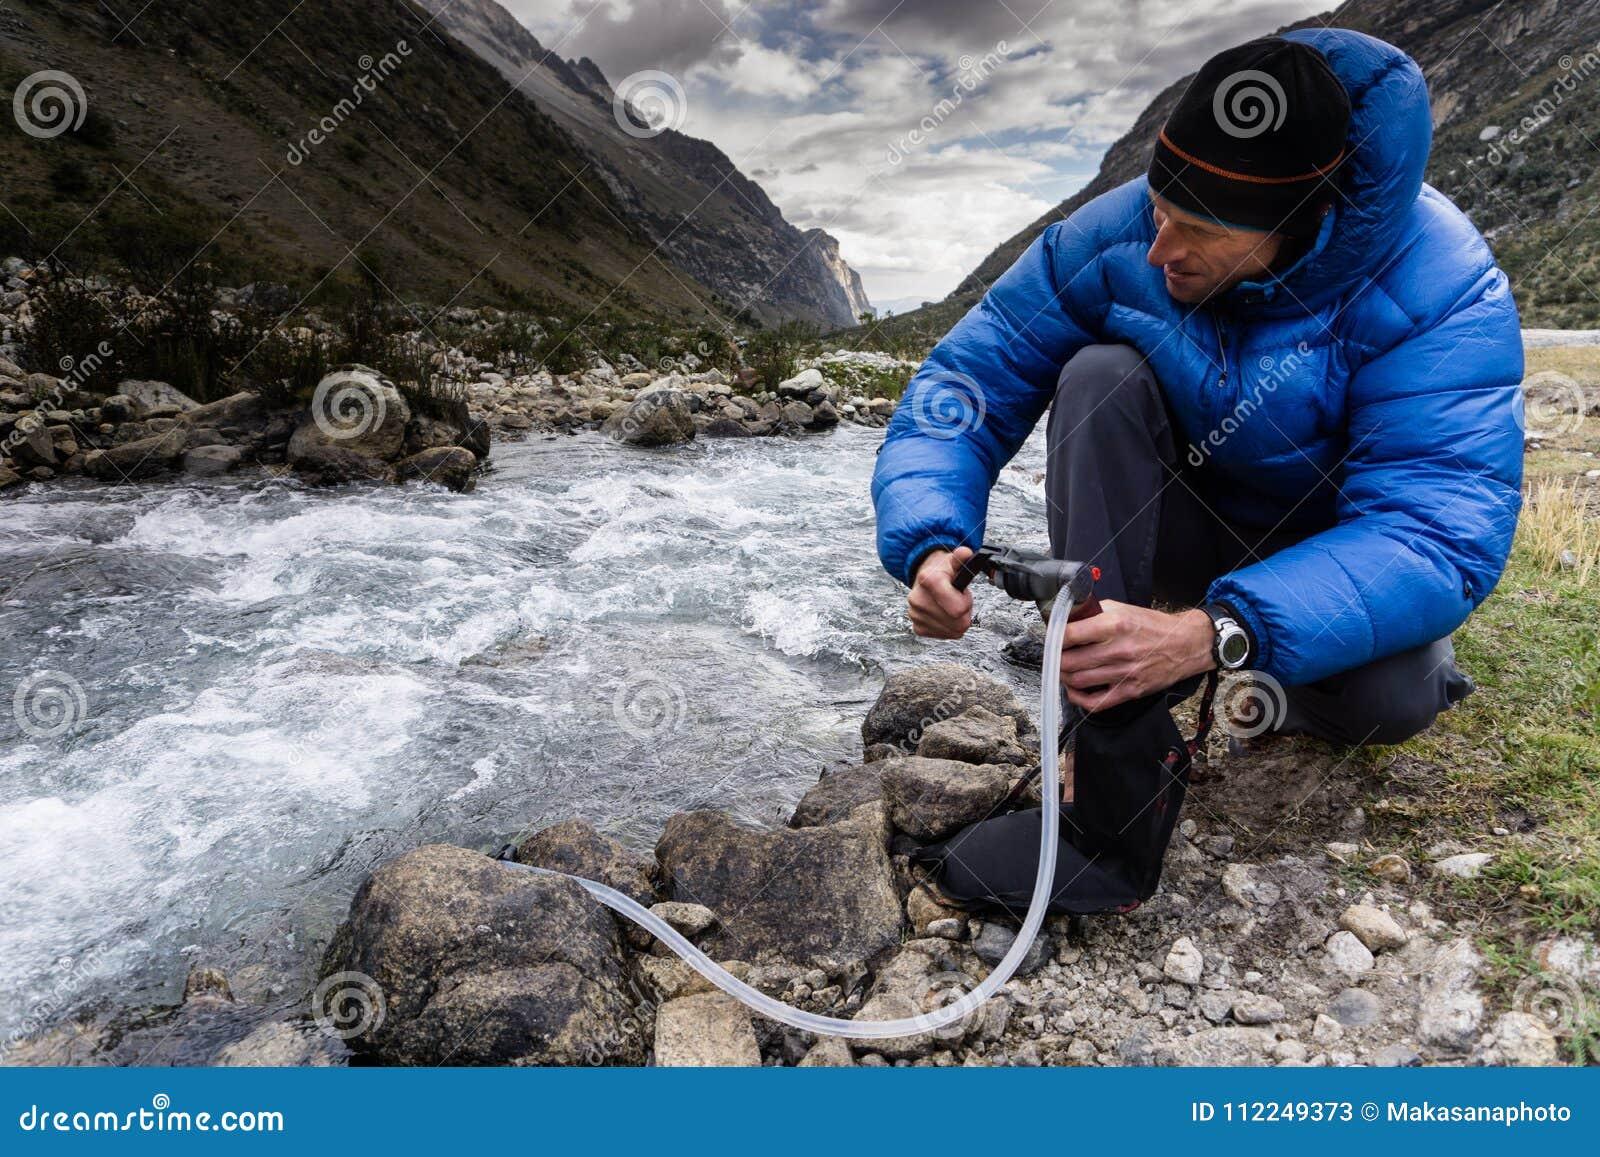 Hombre en agua potable de filtración abajo de la chaqueta azul de un río de la montaña en Perú